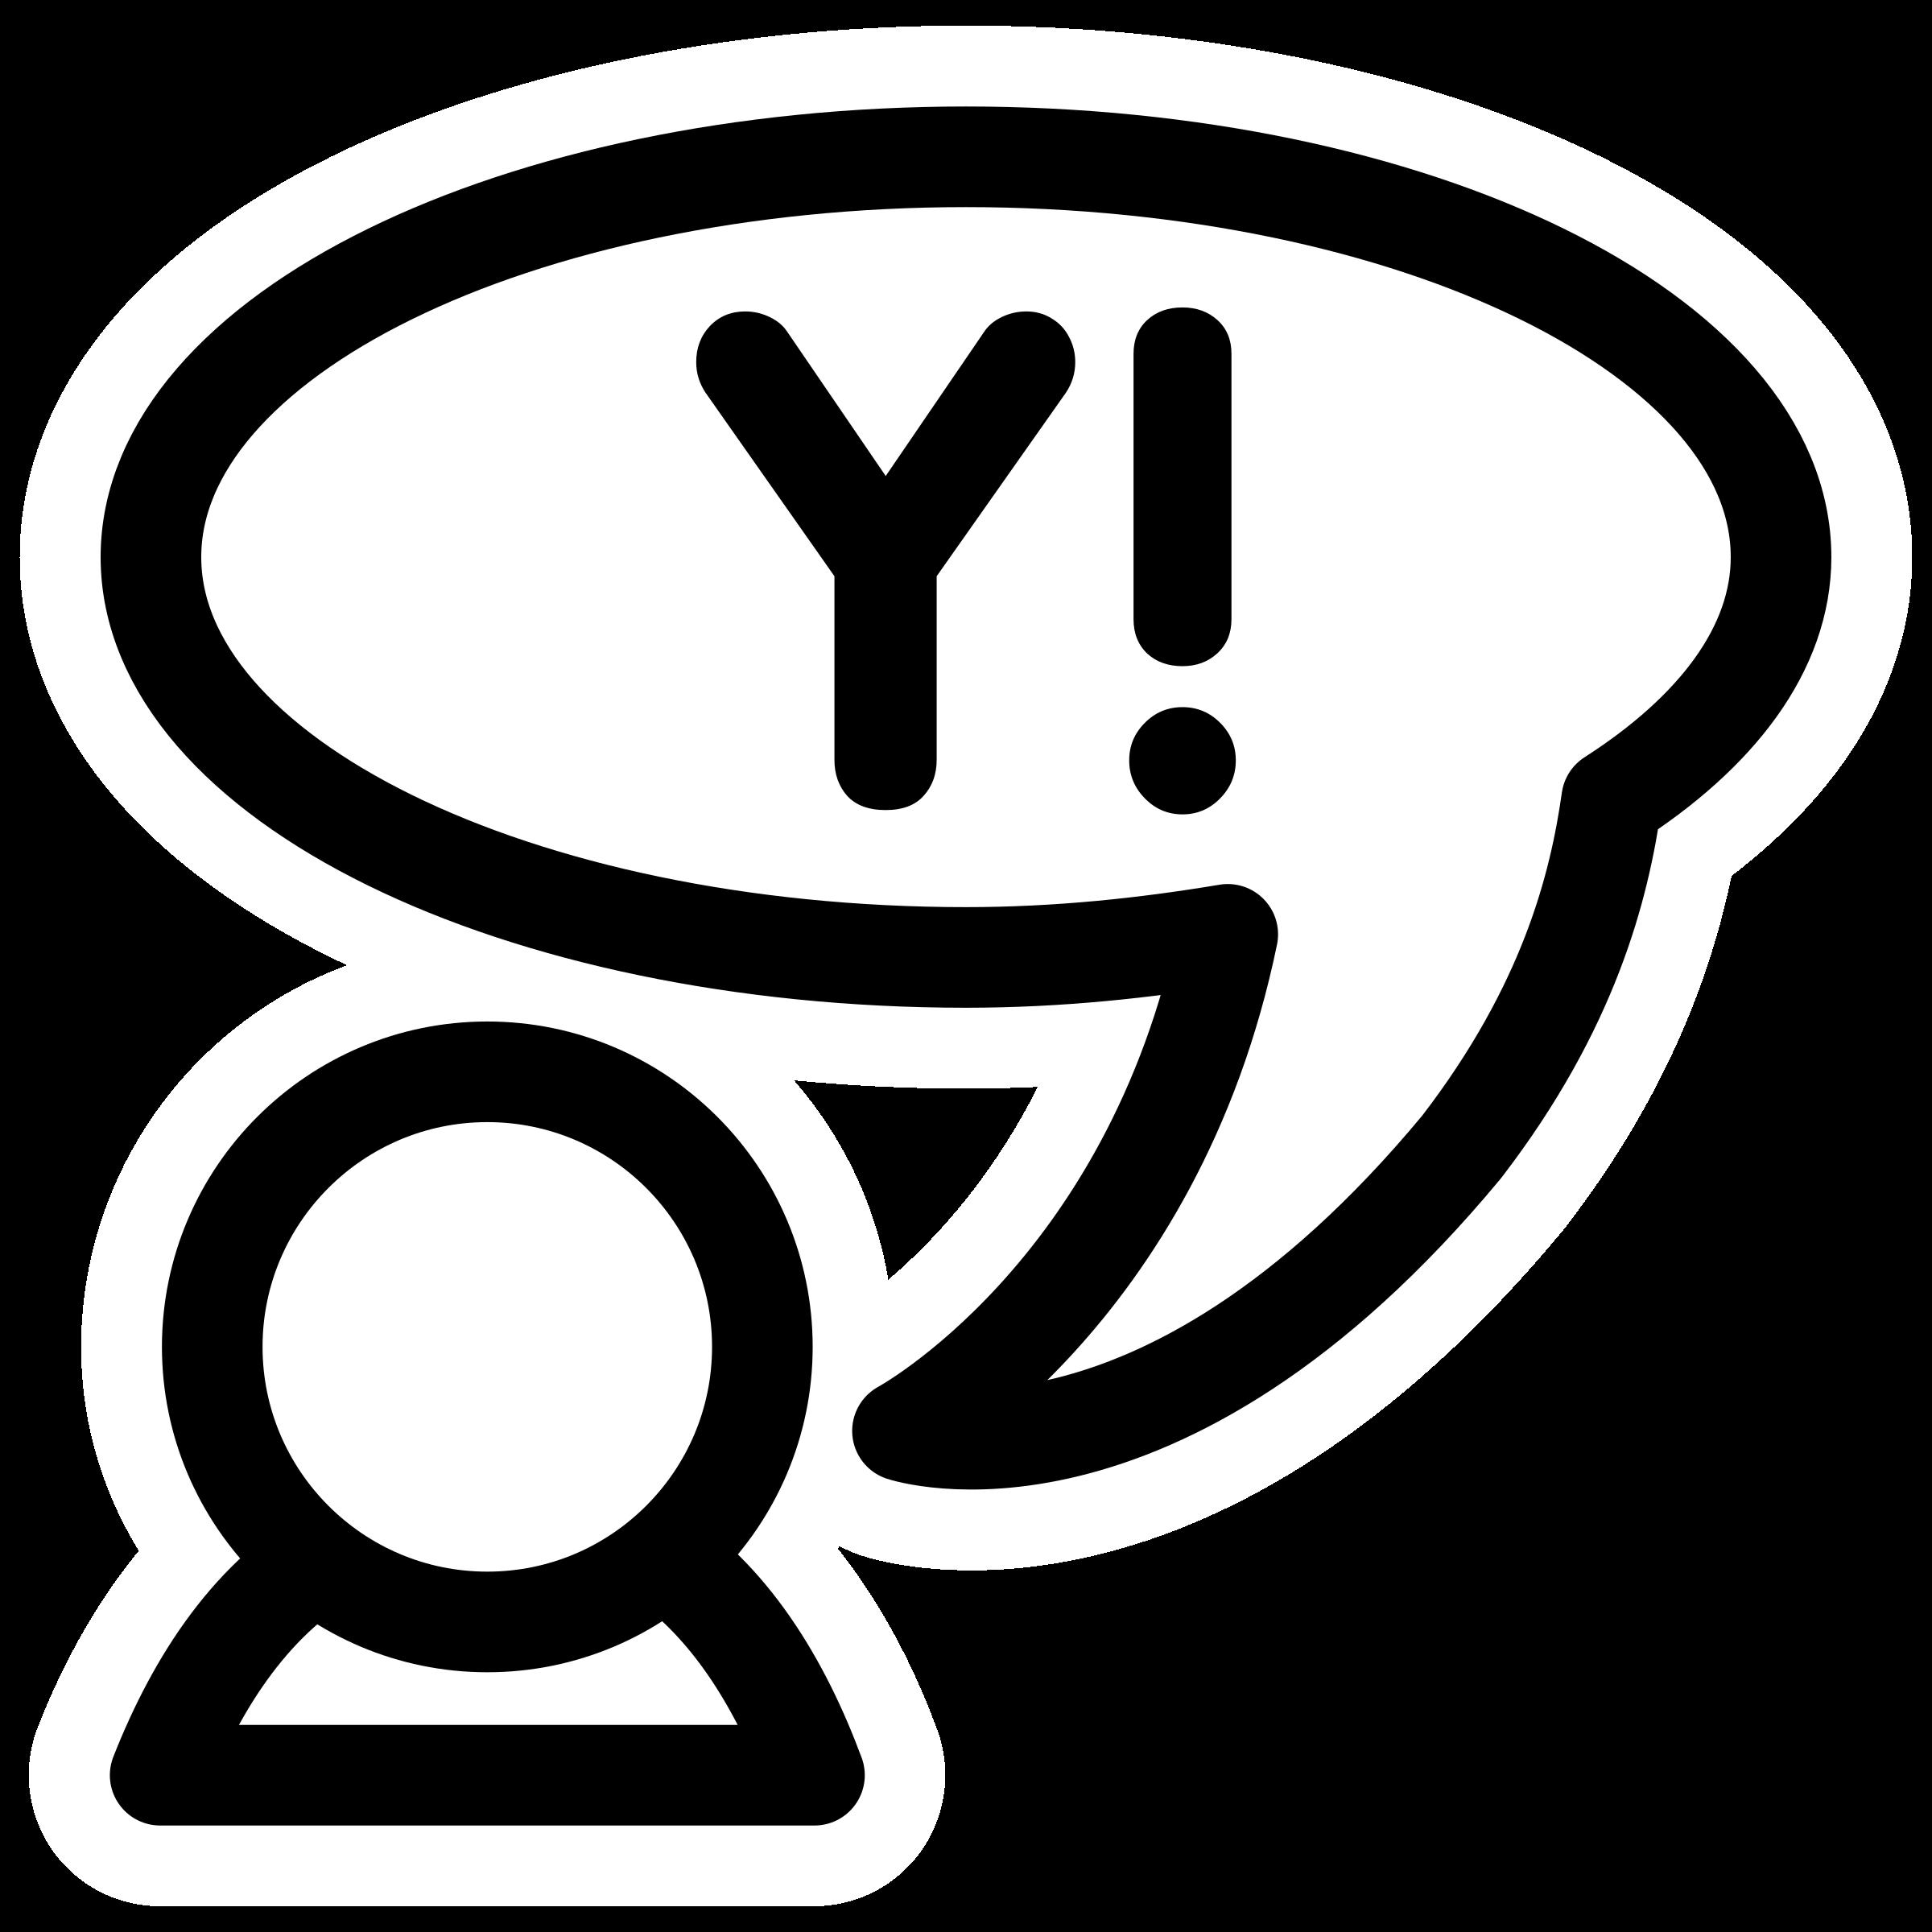 clipart mono yahoo protocol rh openclipart org yahoo clip art texas rangers yahoo cliparts